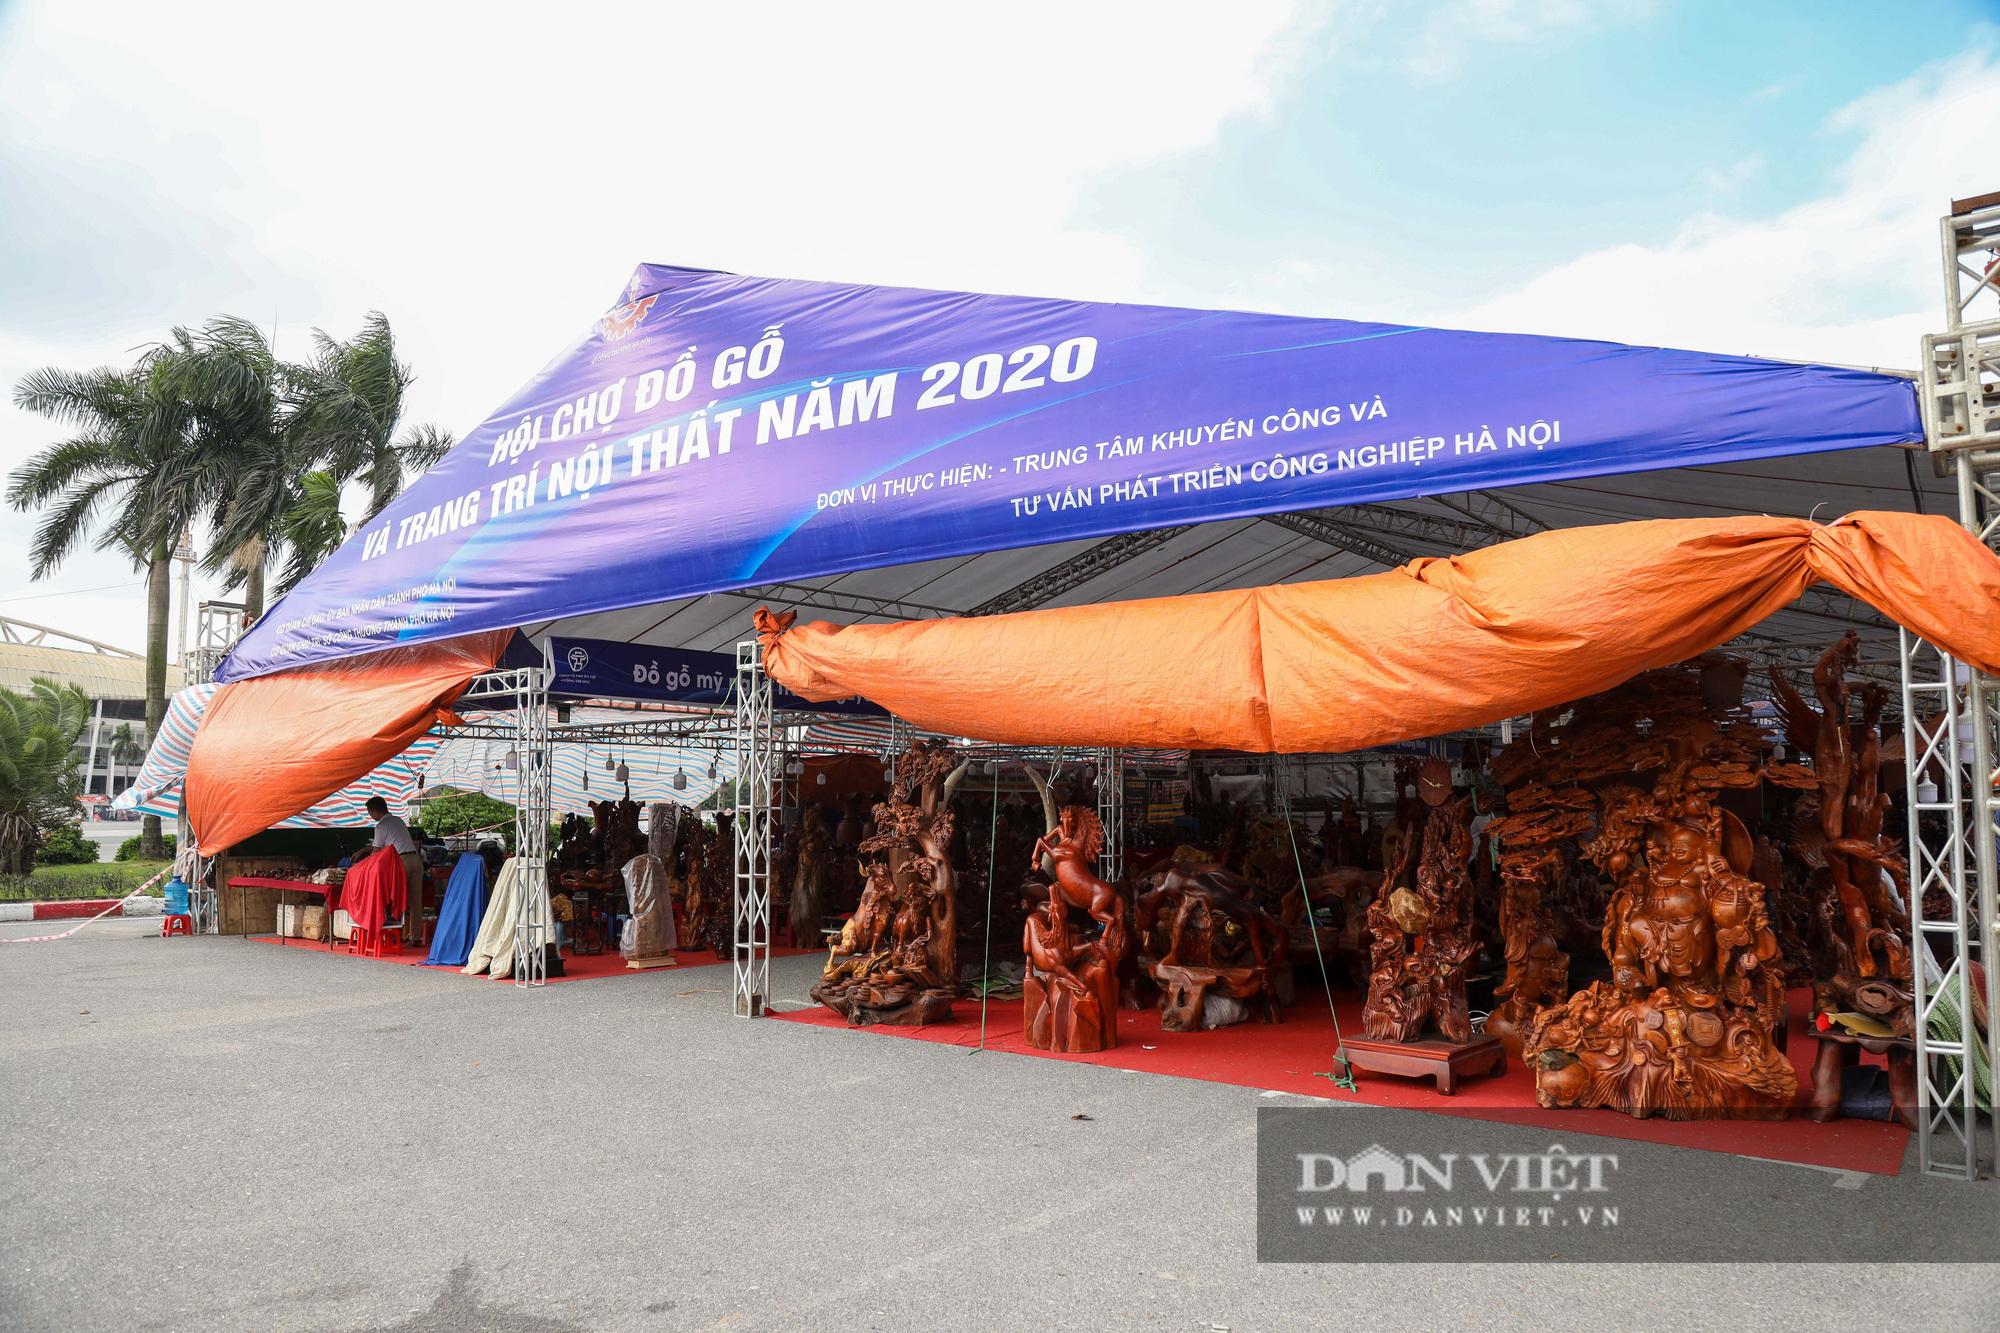 Ngỡ ngàng khúc gỗ được rao bán 10 tỷ đồng tại Hà Nội